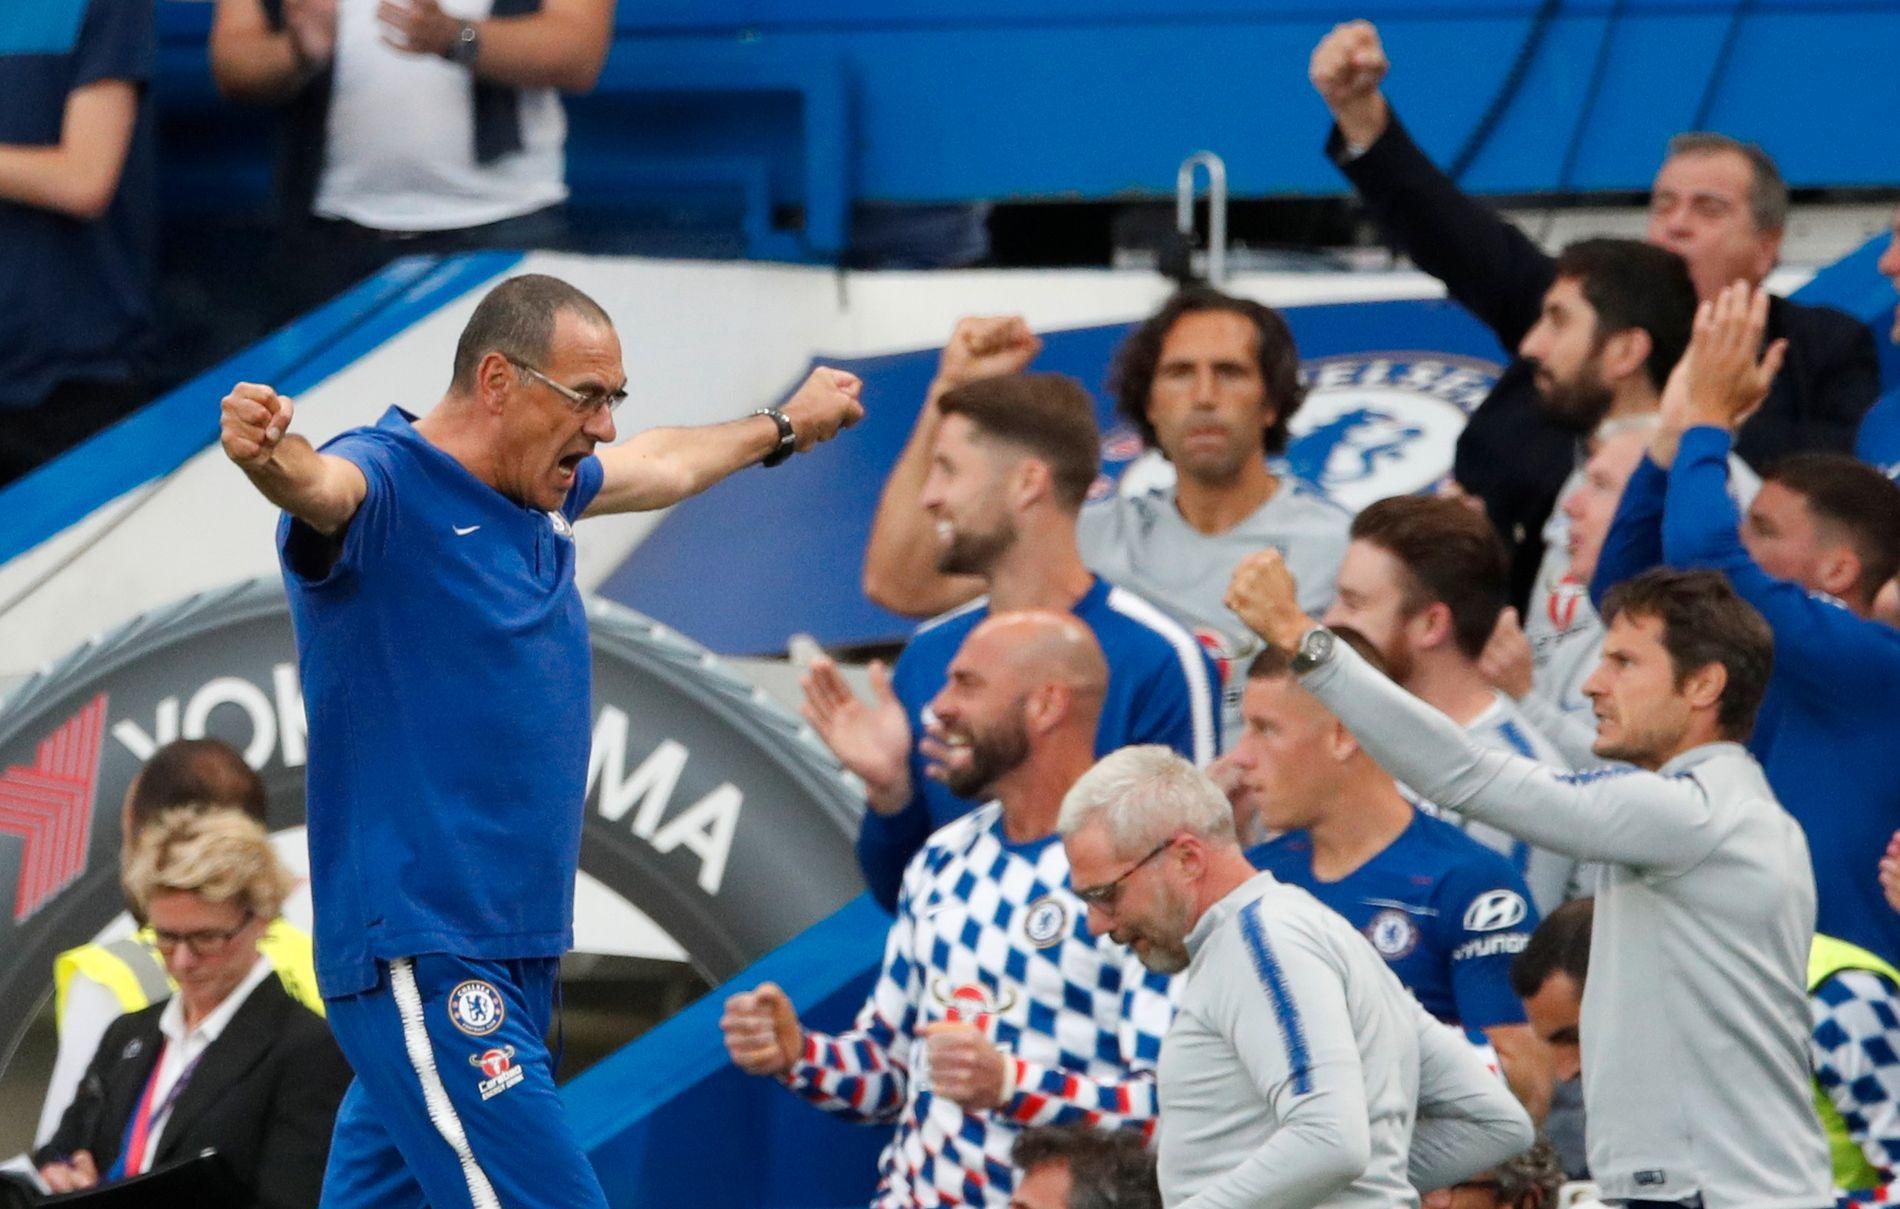 JUBEL: Chelsea og manager Maurizio Sarri har vunnet begge kampene så langt. I runde tre venter Newcastle.